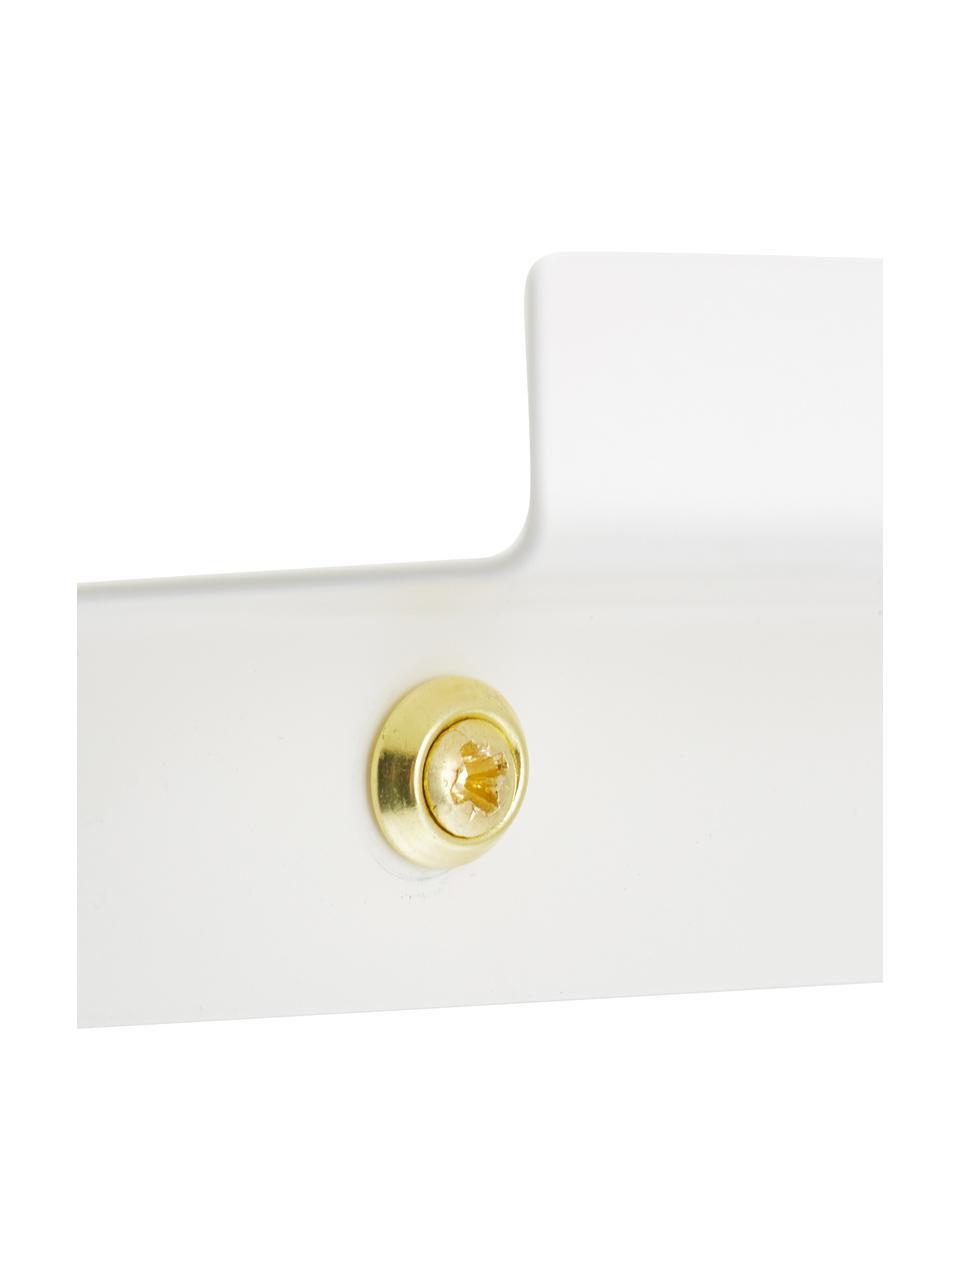 Schmale Bilderleiste Shelfini in Weiß, Leiste: Metall, lackiert, Weiß, Messing, 50 x 6 cm